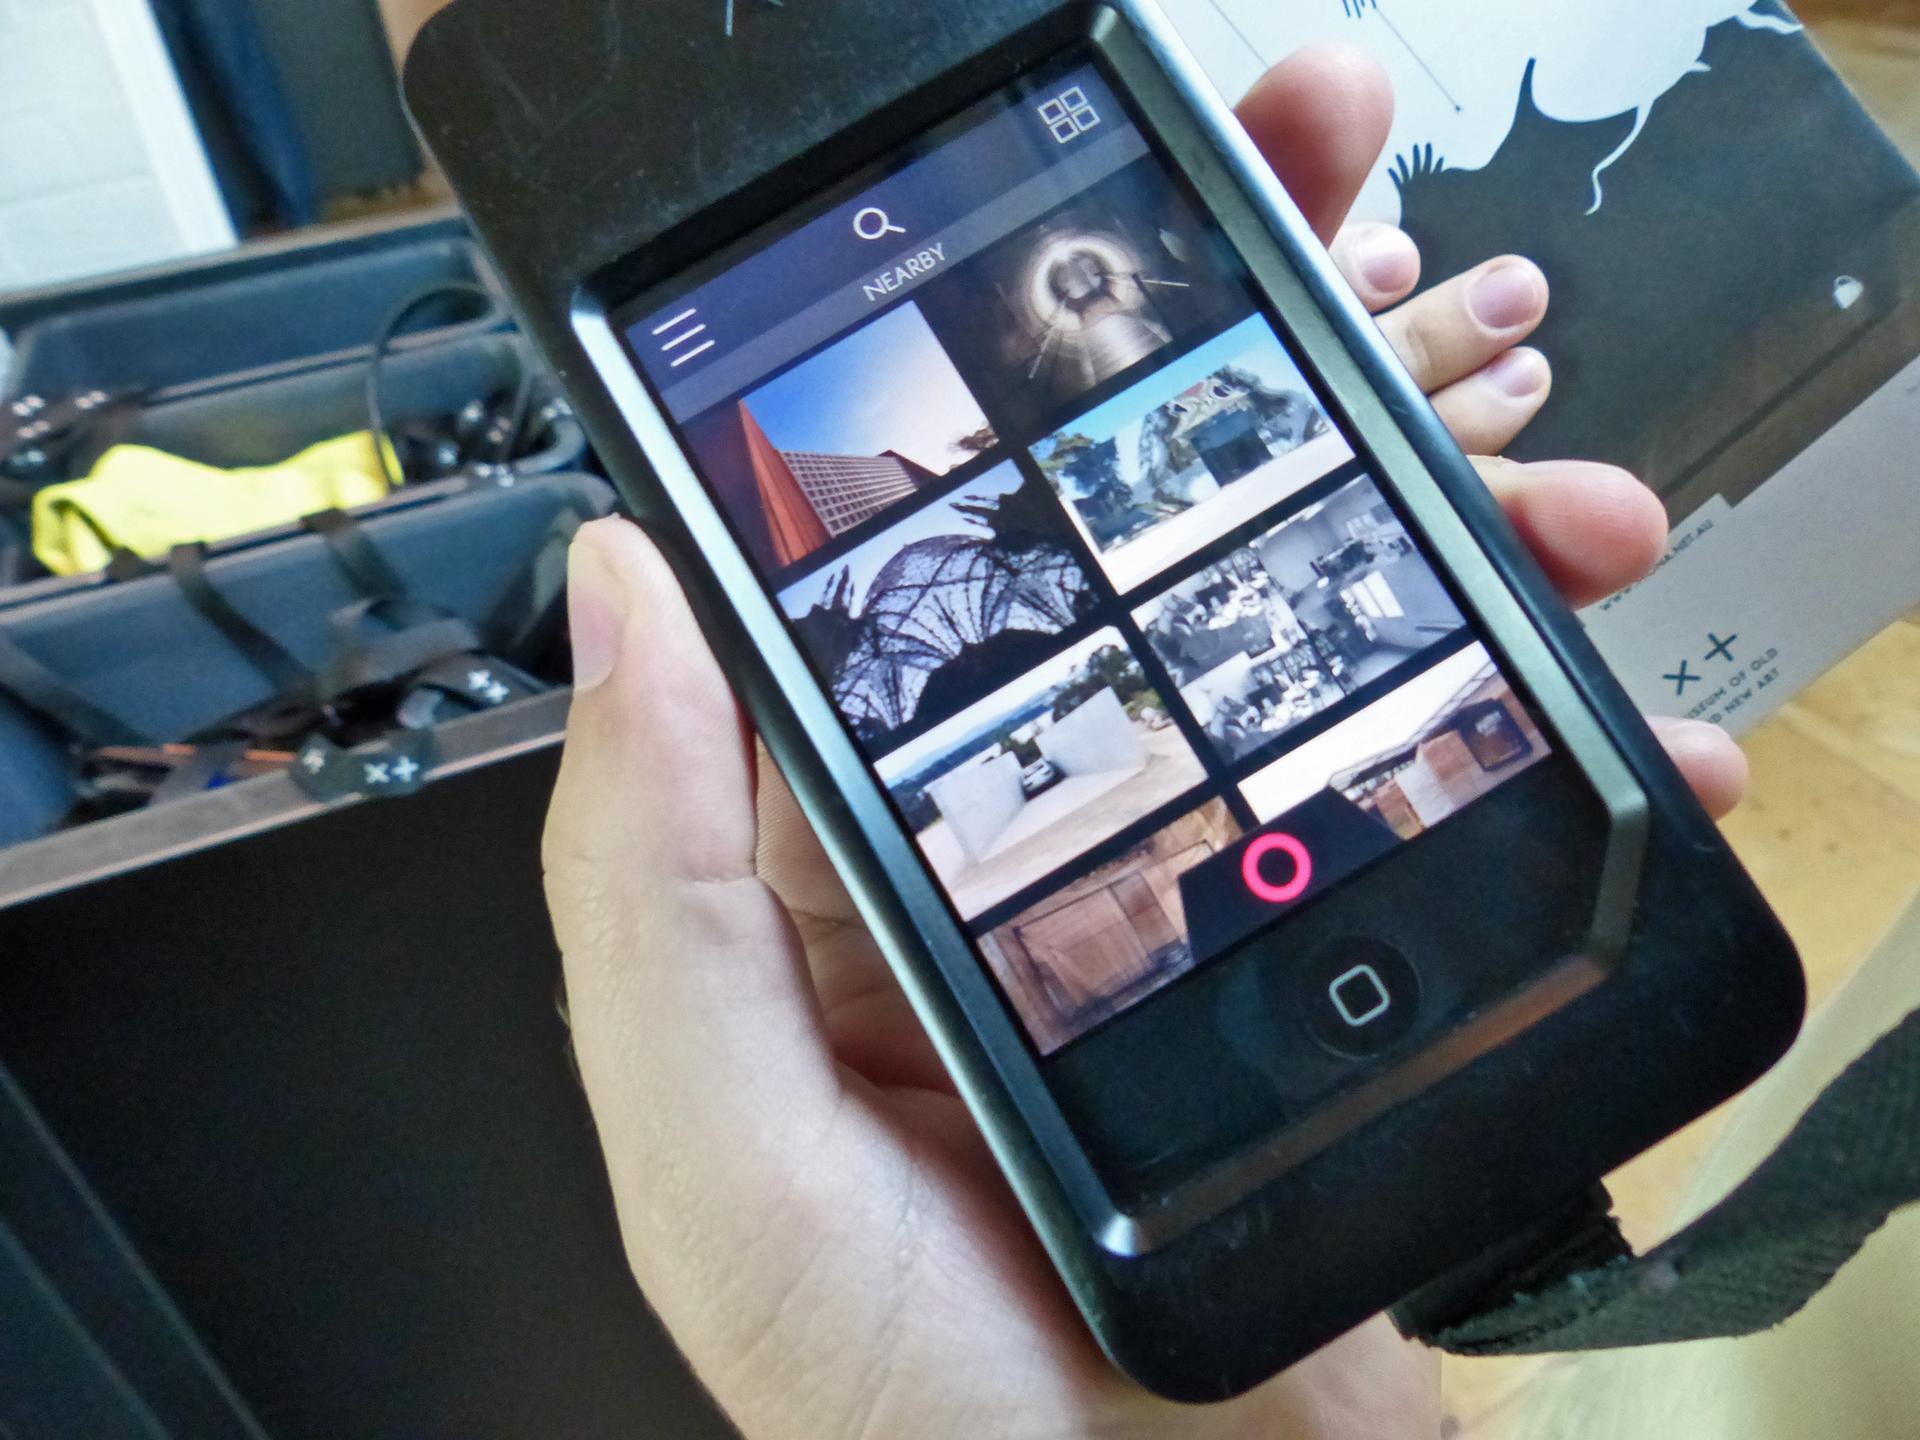 iPod touch mit der MONA App und Ansicht der nächstgelegenen Kunswerke im MONA